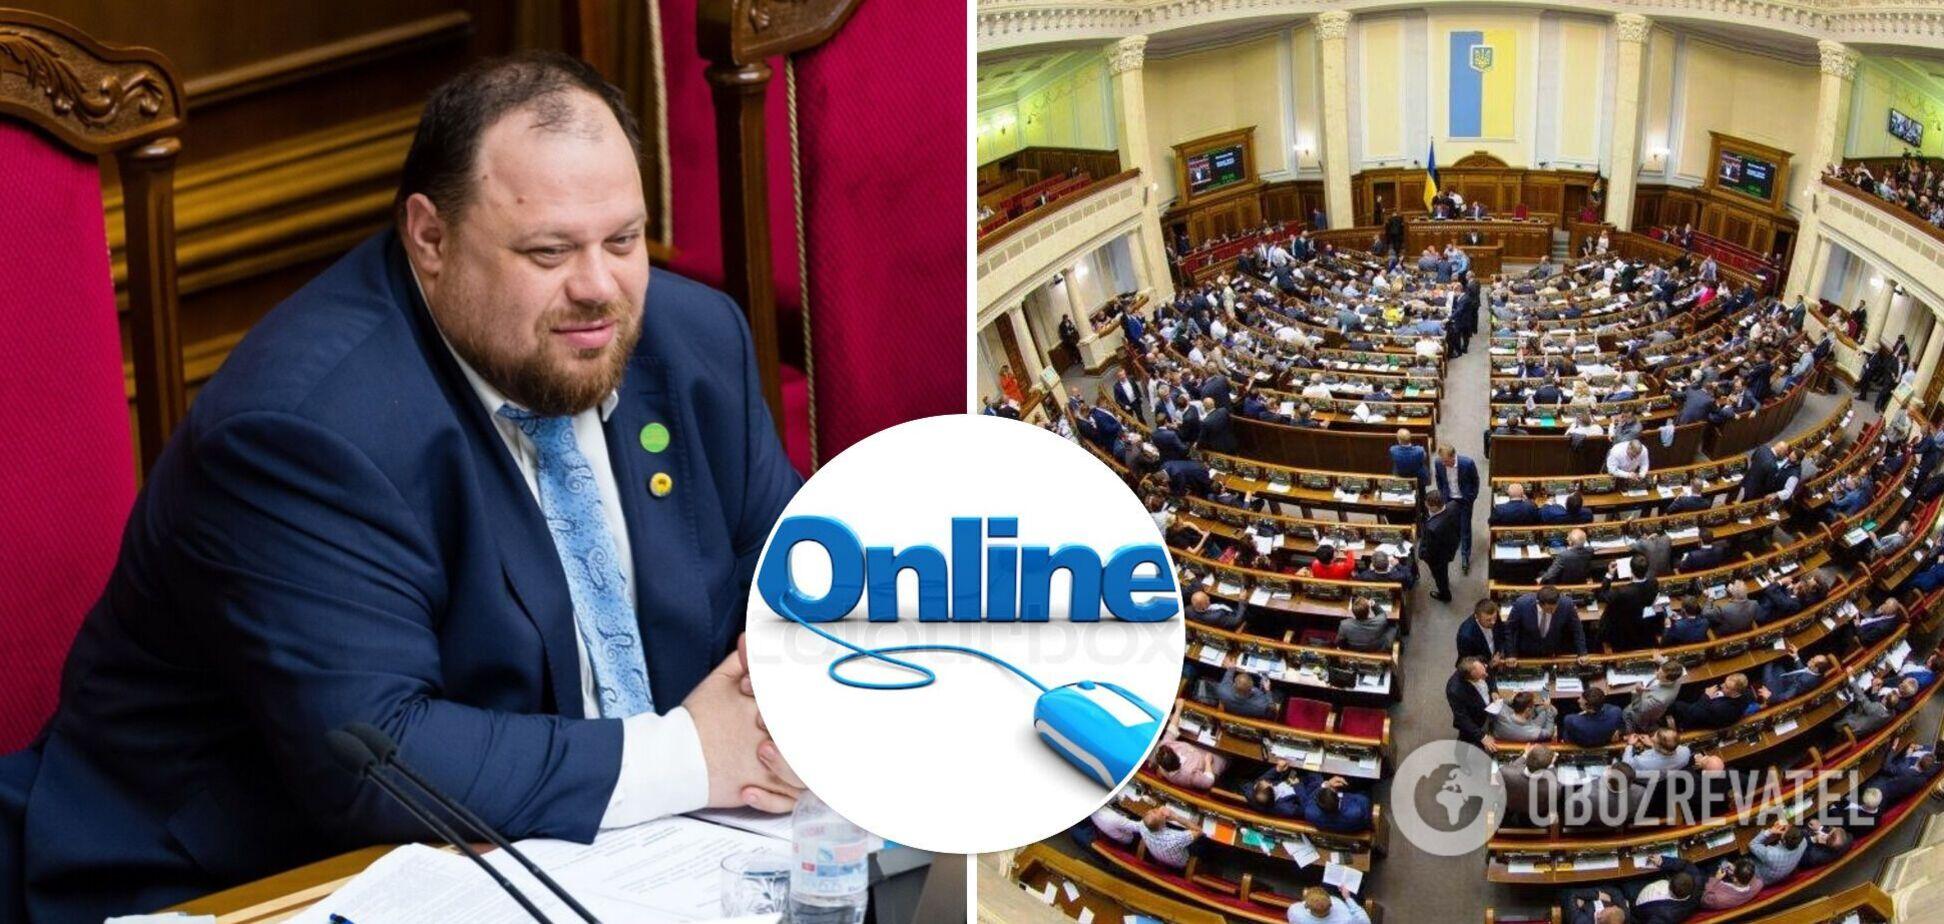 В Україні запропонували ухвалити закон, який дозволить проводити засідання Ради онлайн